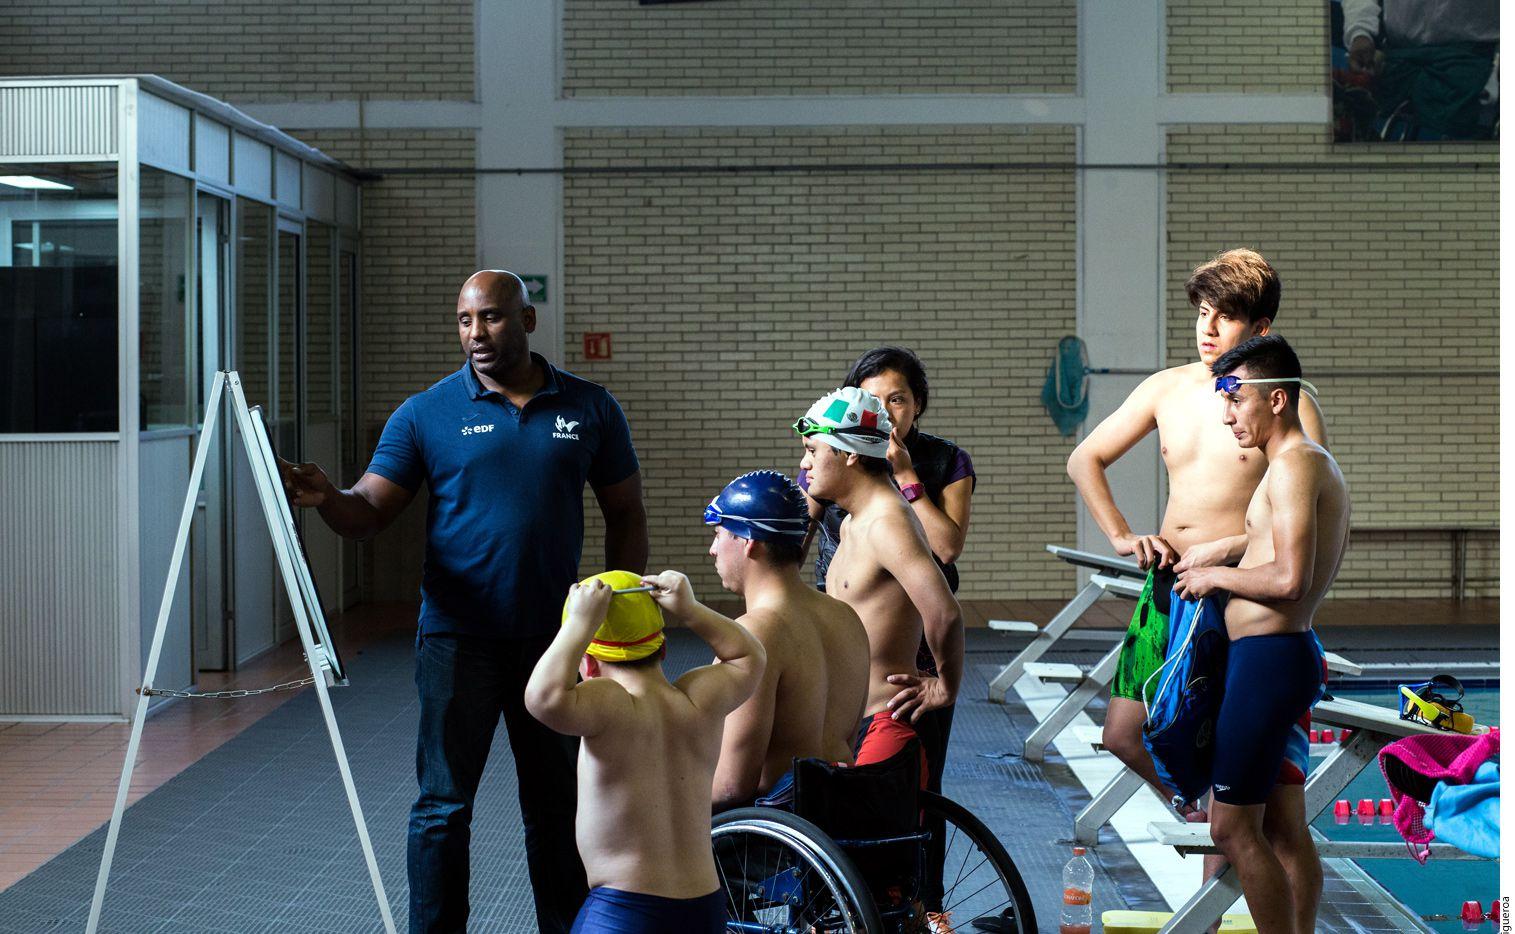 A la mayoría de los atletas de José Ulises Menéndez González (izq.) les falta la pierna derecha, a un nadador con síndrome de Down, la explicación se le traduce con señas y puntos de referencia. AGENCIA REFORMA